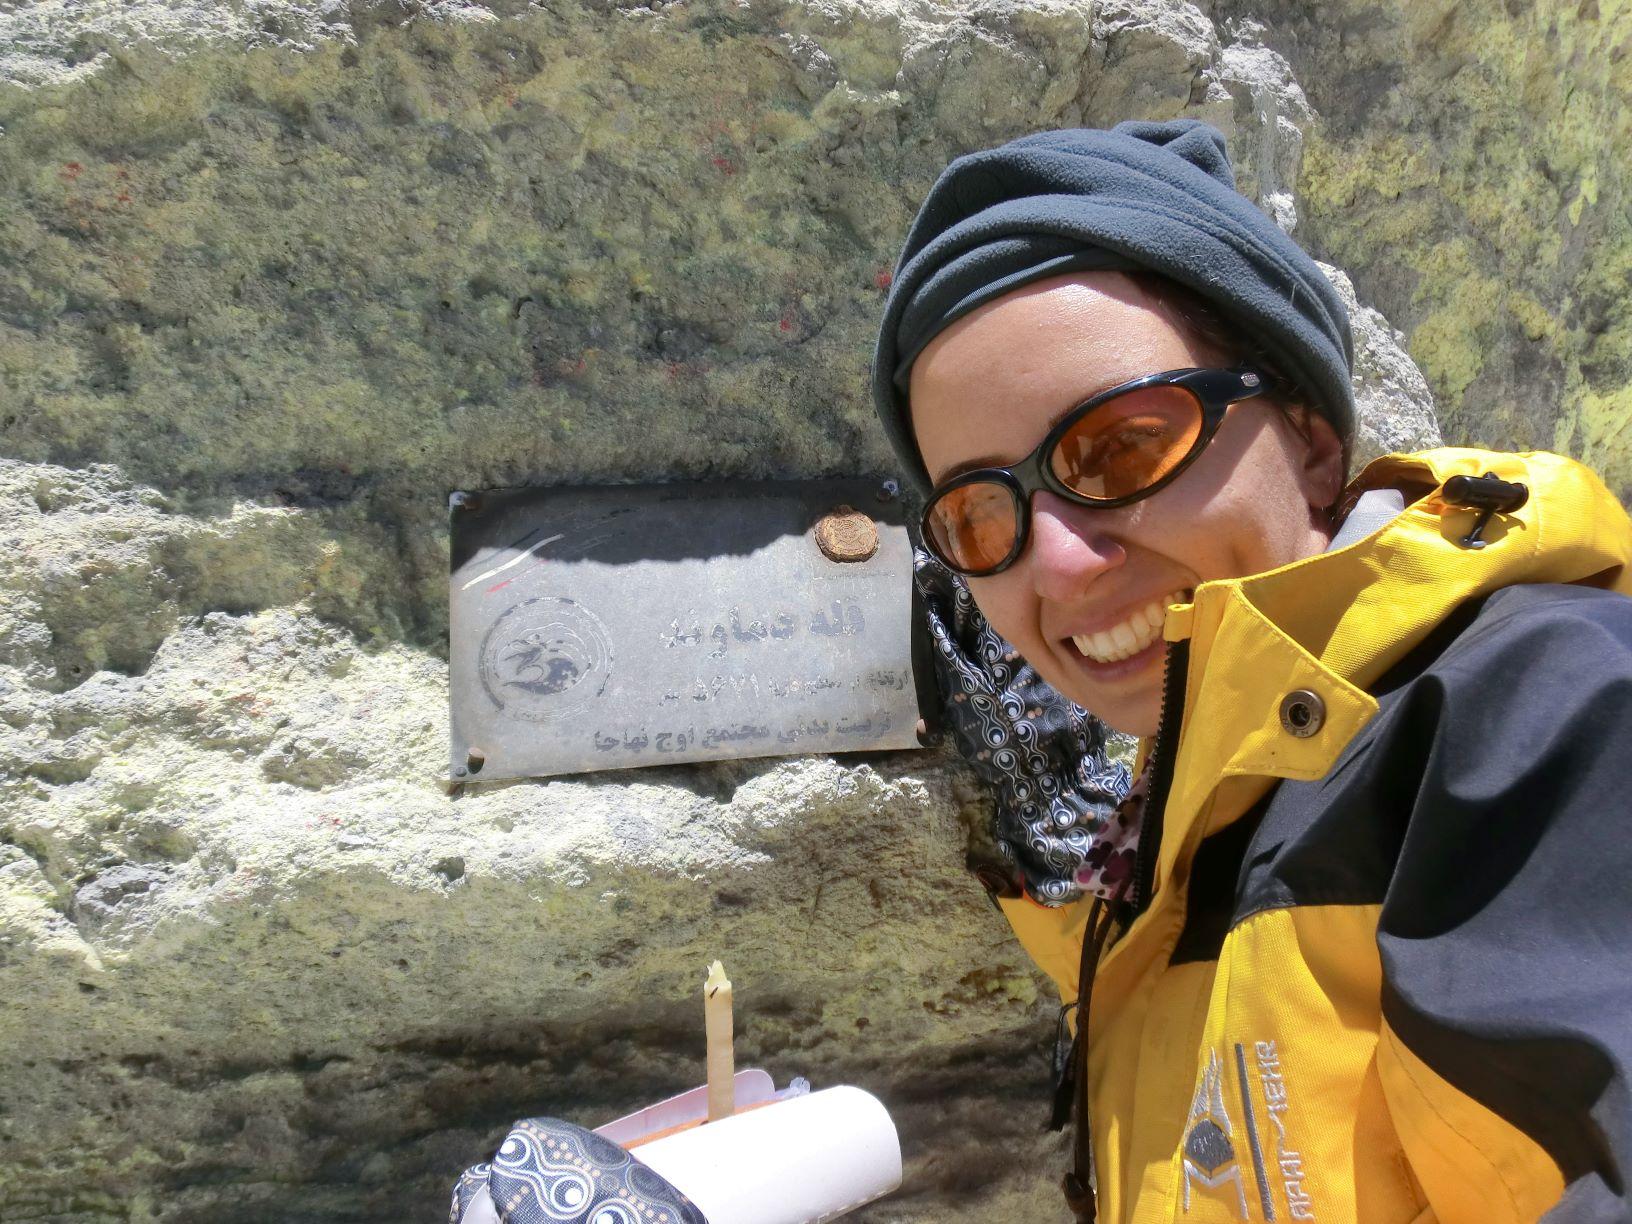 انقدر ذوقزده بودم که تا رسیدم روی قله زار زار گریه کردم و دماغ قرمزم هم از اثرات گریه و سرماست